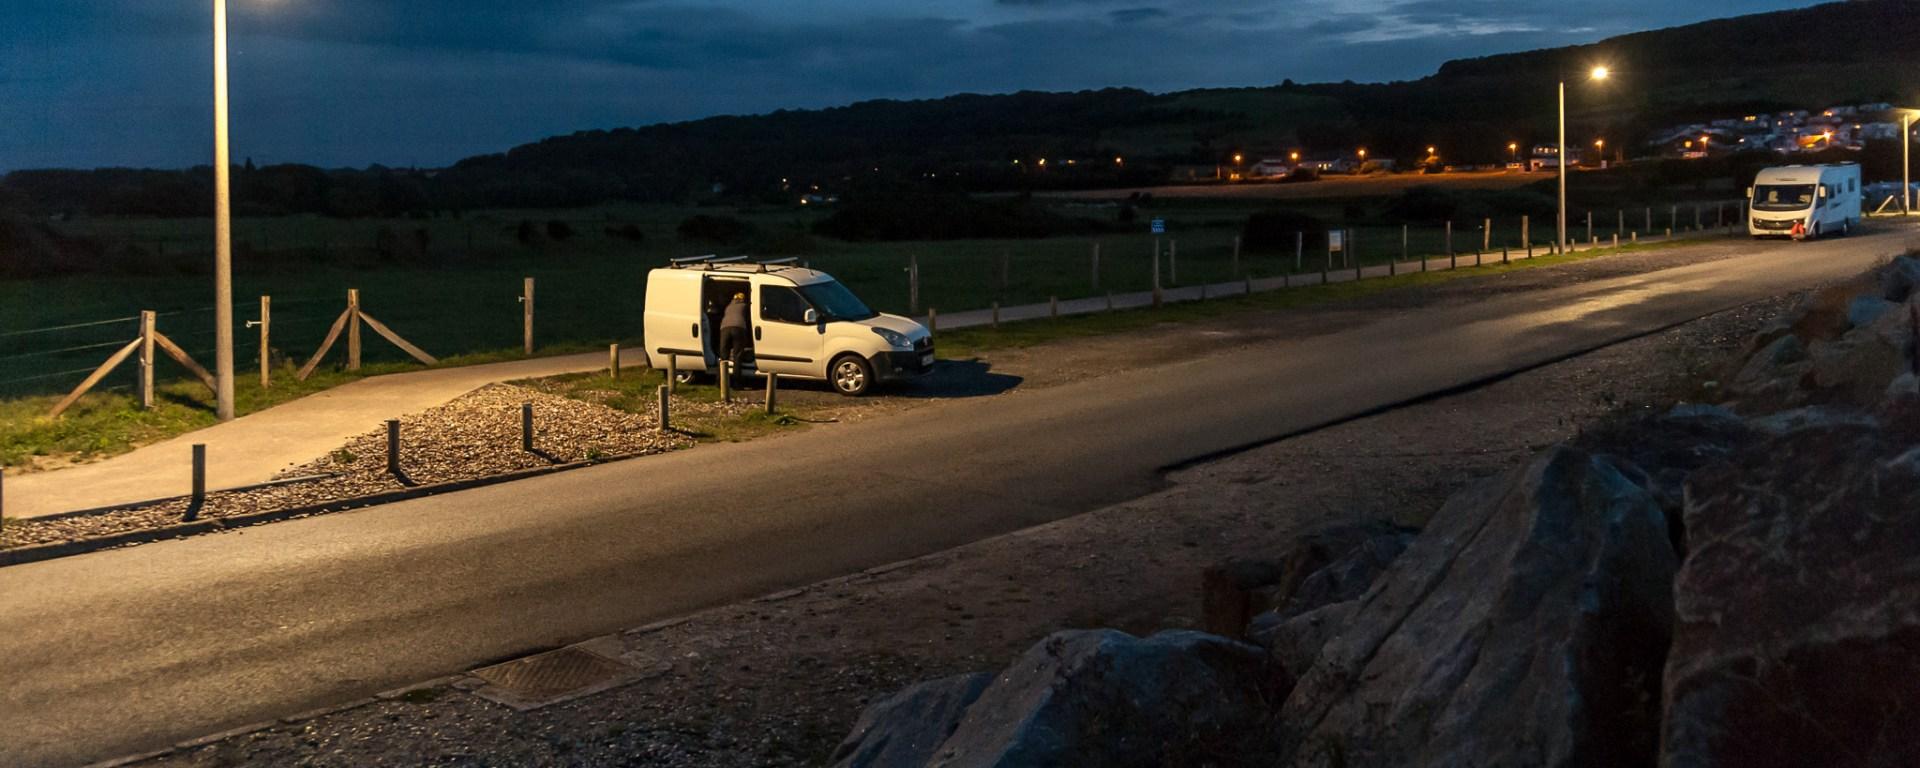 Parkplatz (Standplatz) in der Normandie